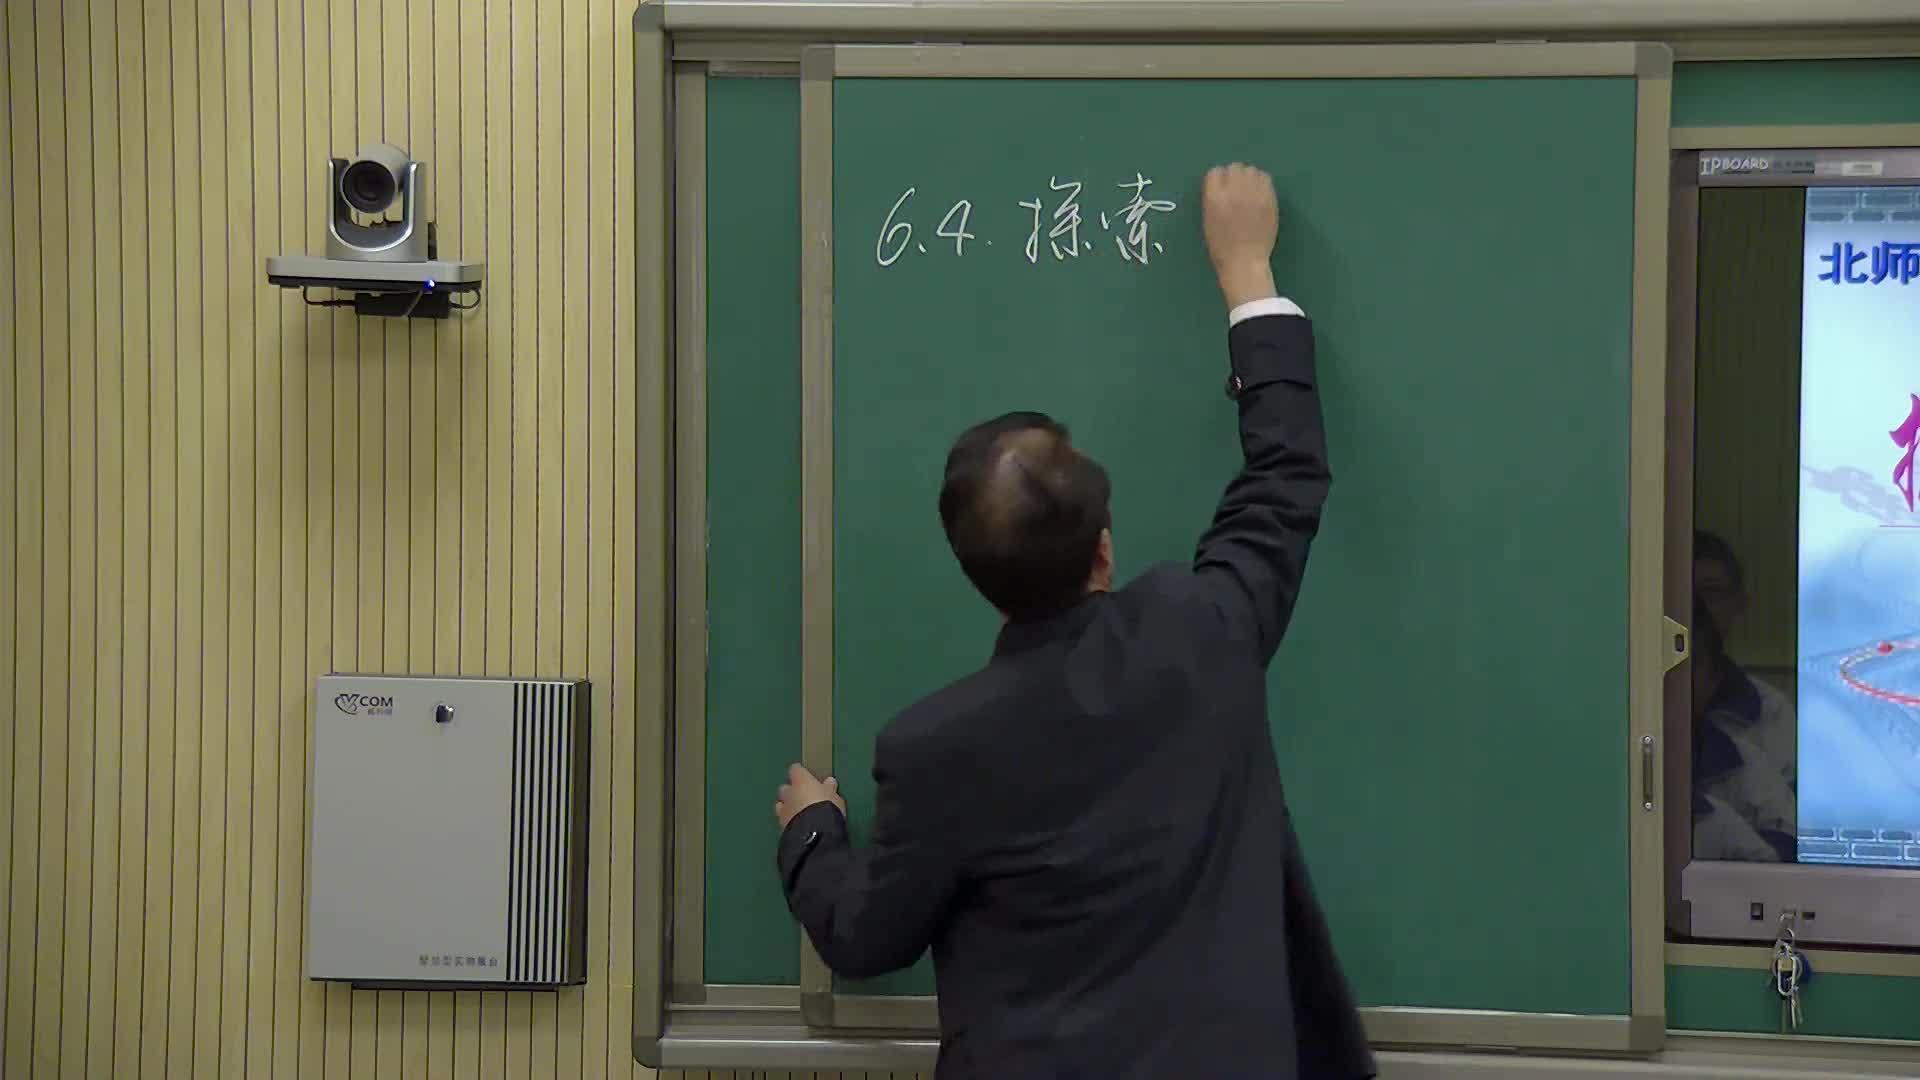 【公开课】北师版八年级数学下册 6.4 探索多边形的内角和(视频)